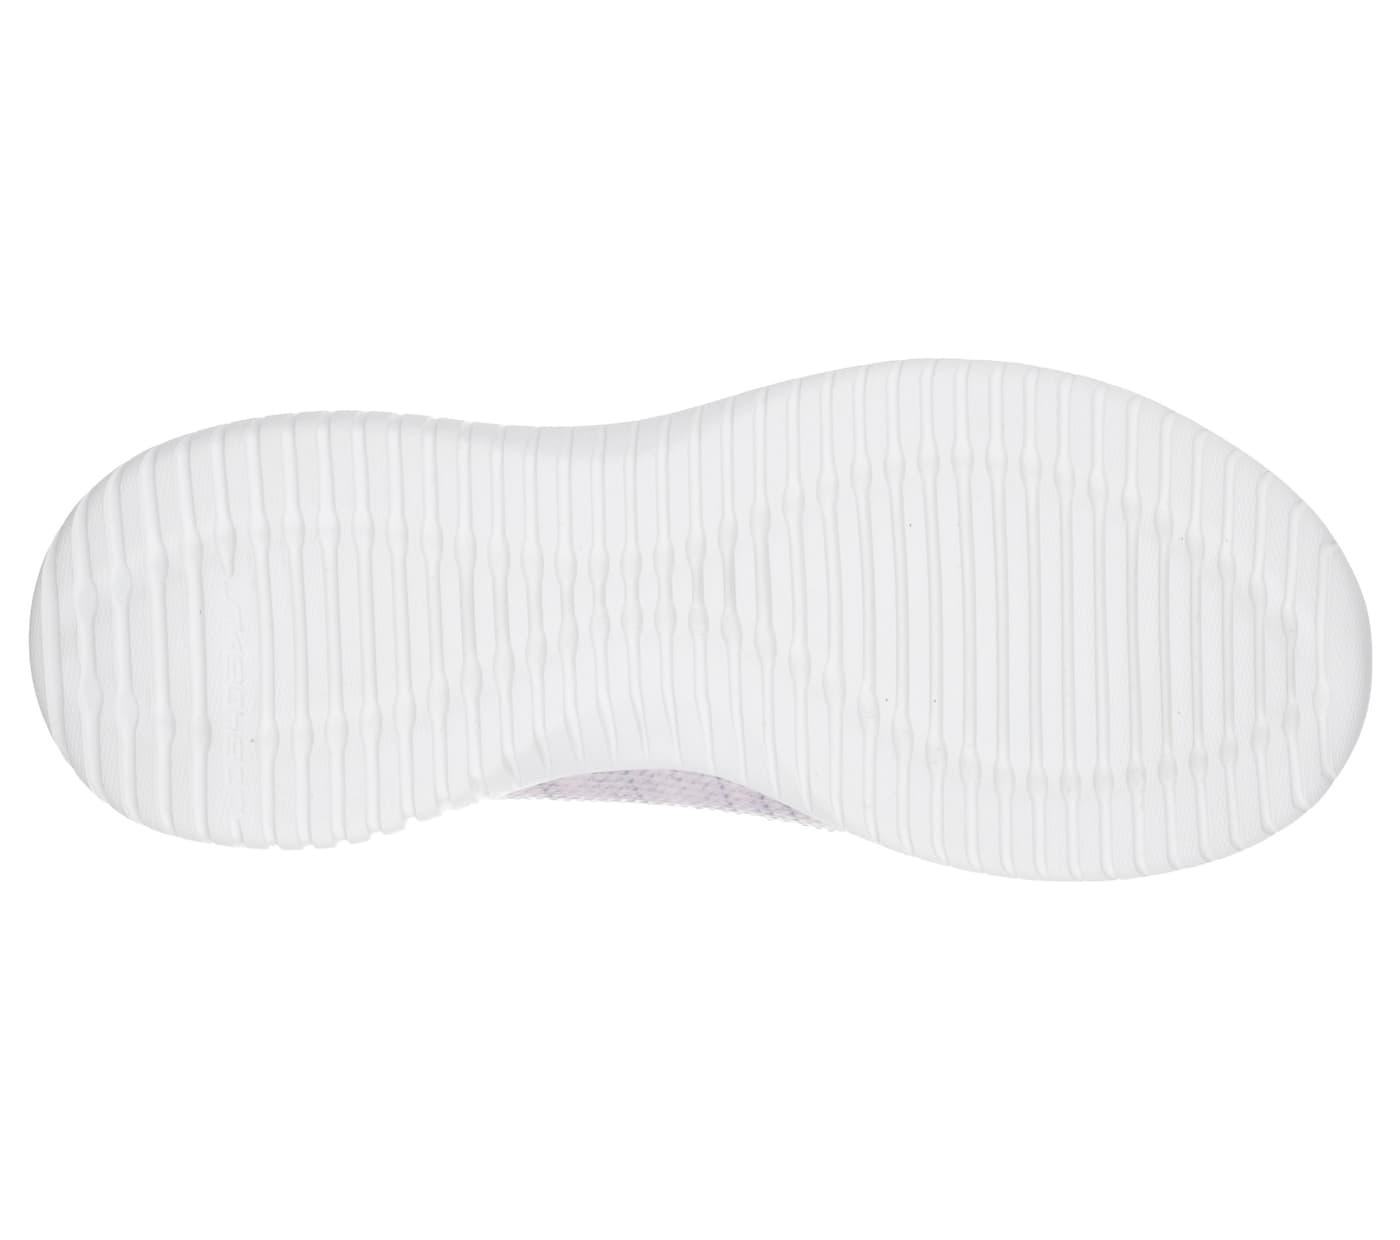 FemmeMigros De Pour Skechers Ultra Flex Chaussures Loisirs Capsule SUzVpM